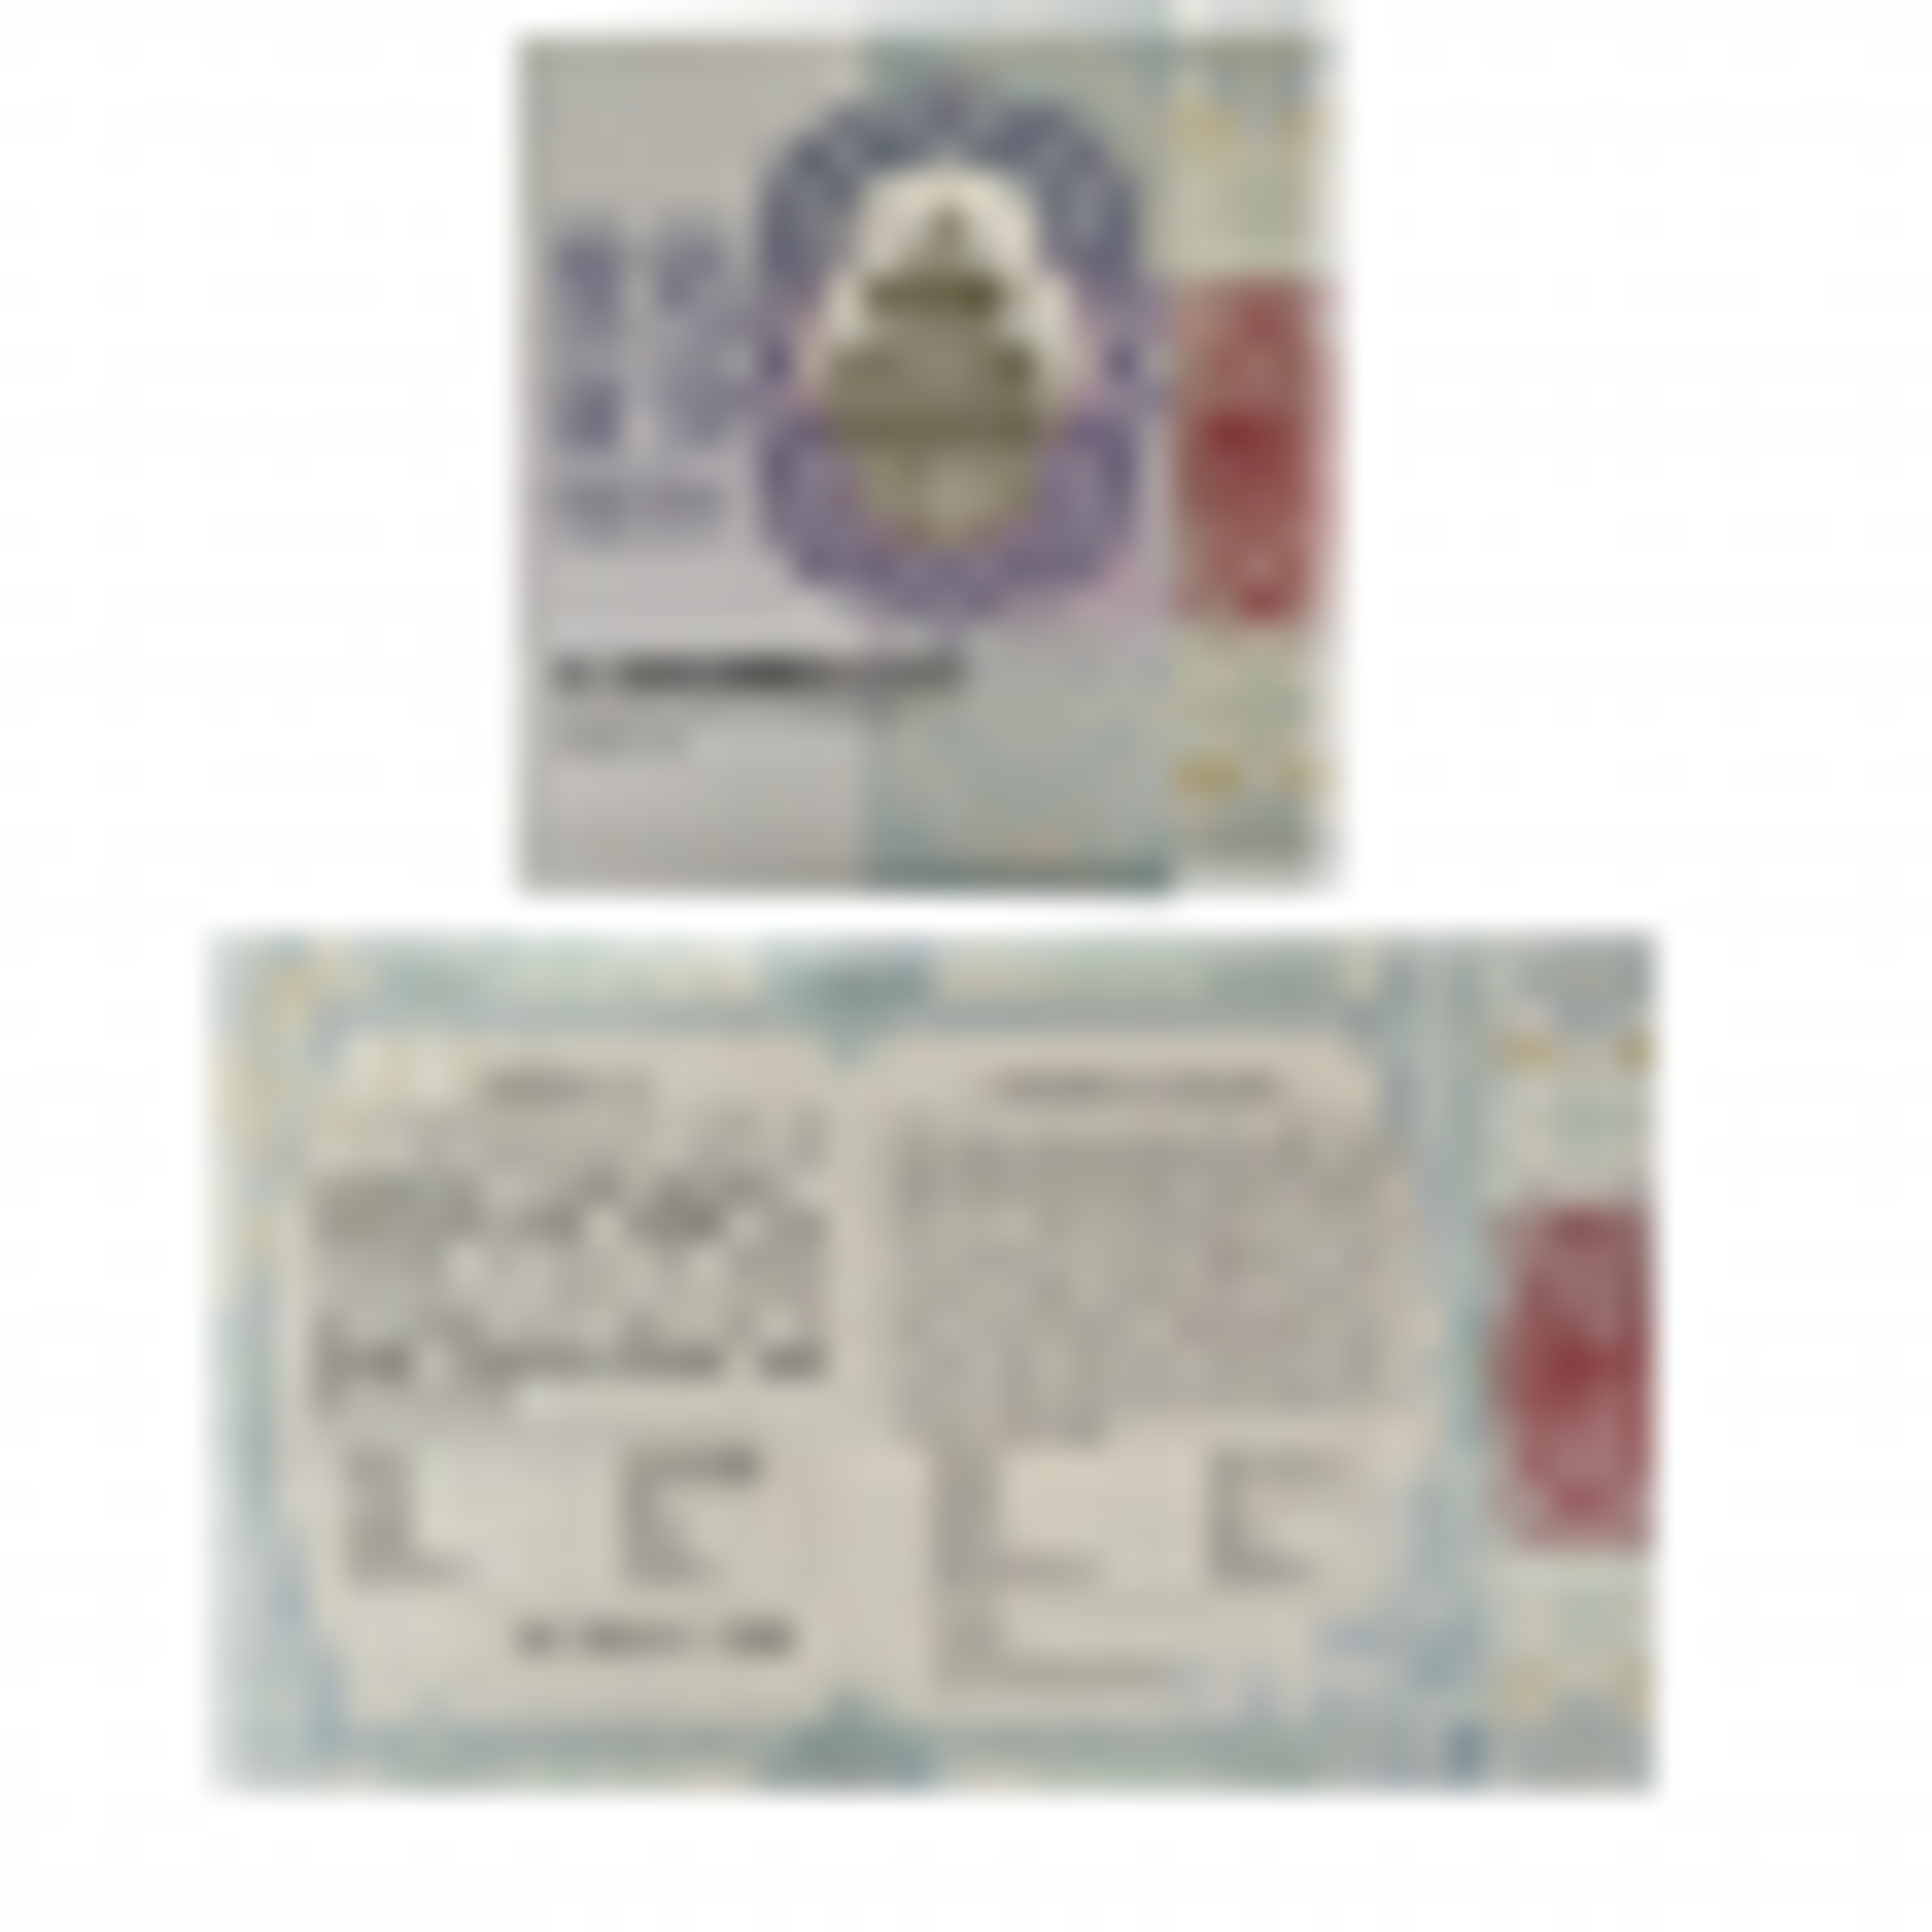 150 Gram zilveren munt Panda 2019 certificaat